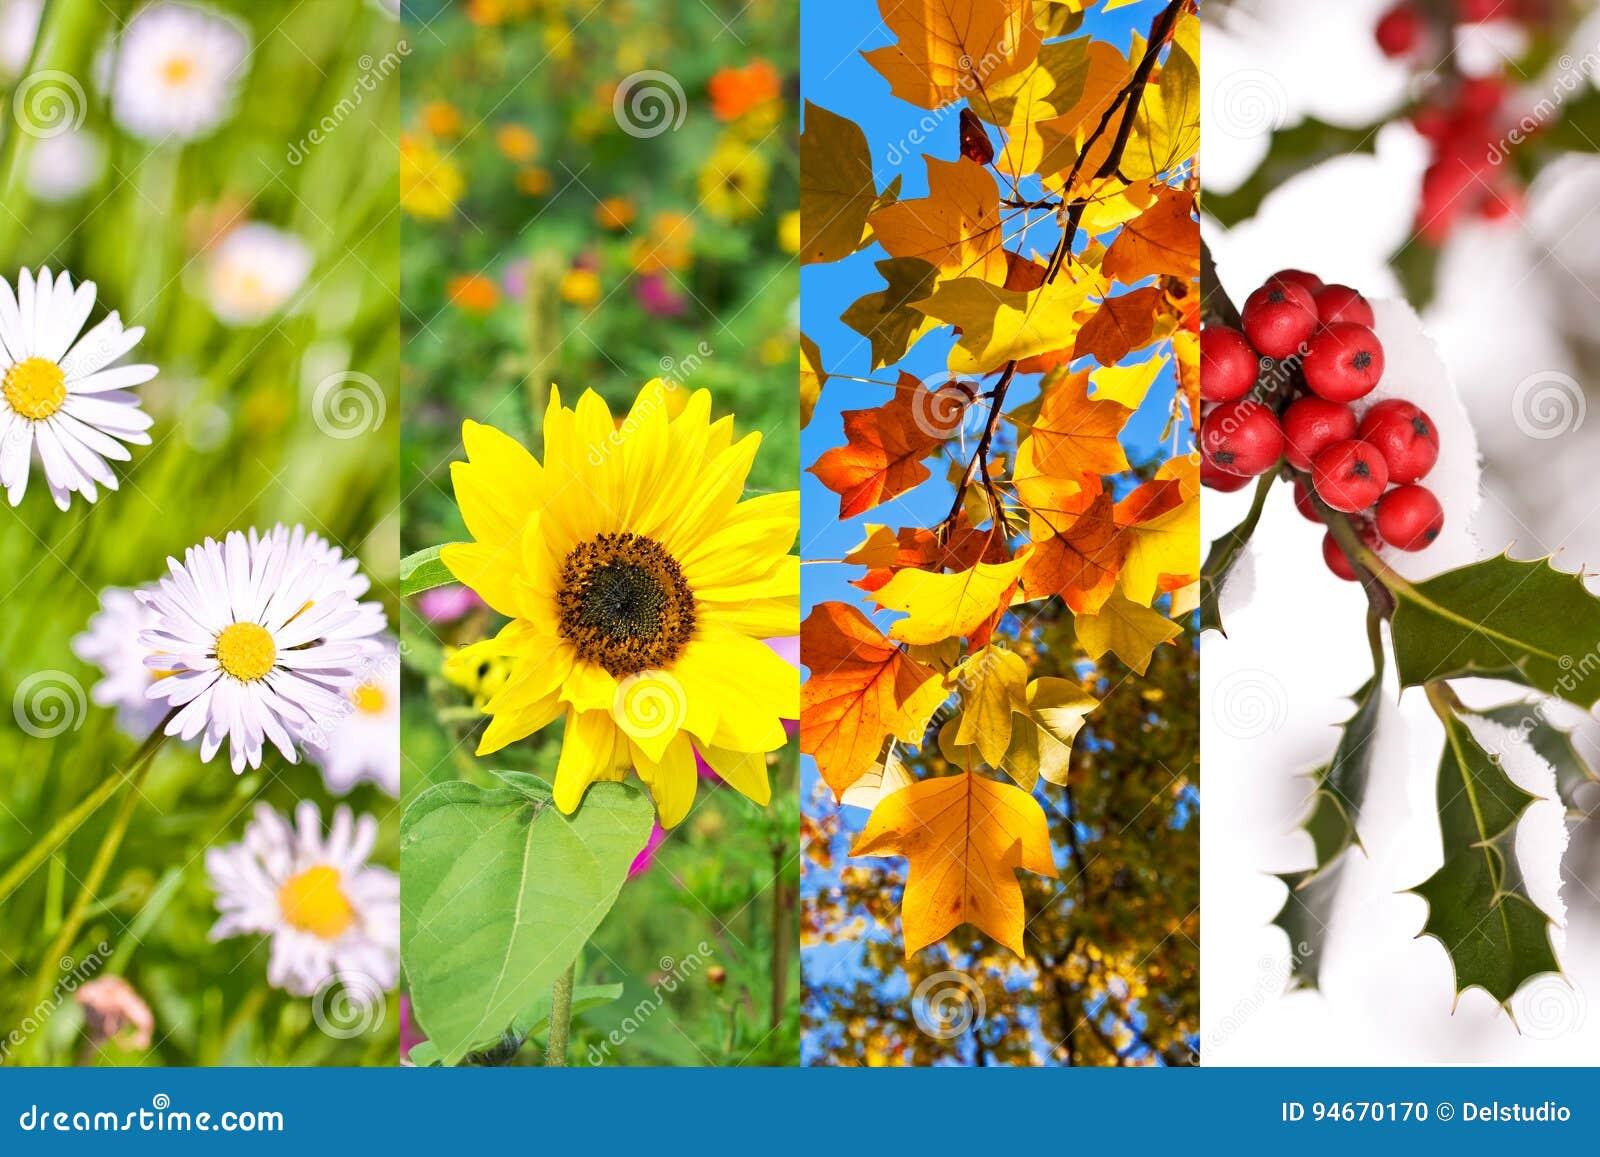 Заводы и цветки весной, лето, осень, зима, коллаж фото, концепция 4 сезонов